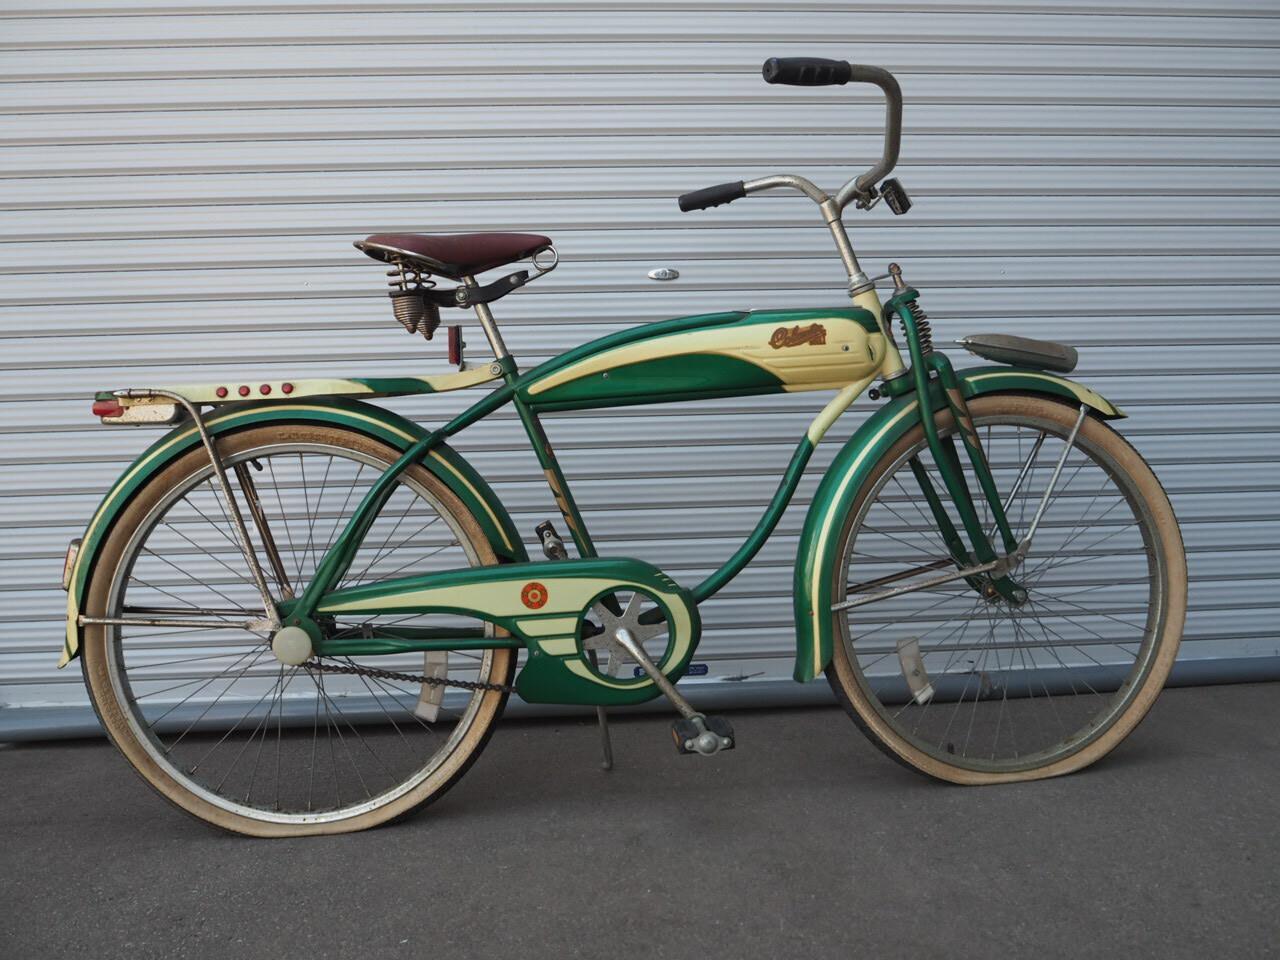 品番2617 1940年代 コロンビア自転車 011